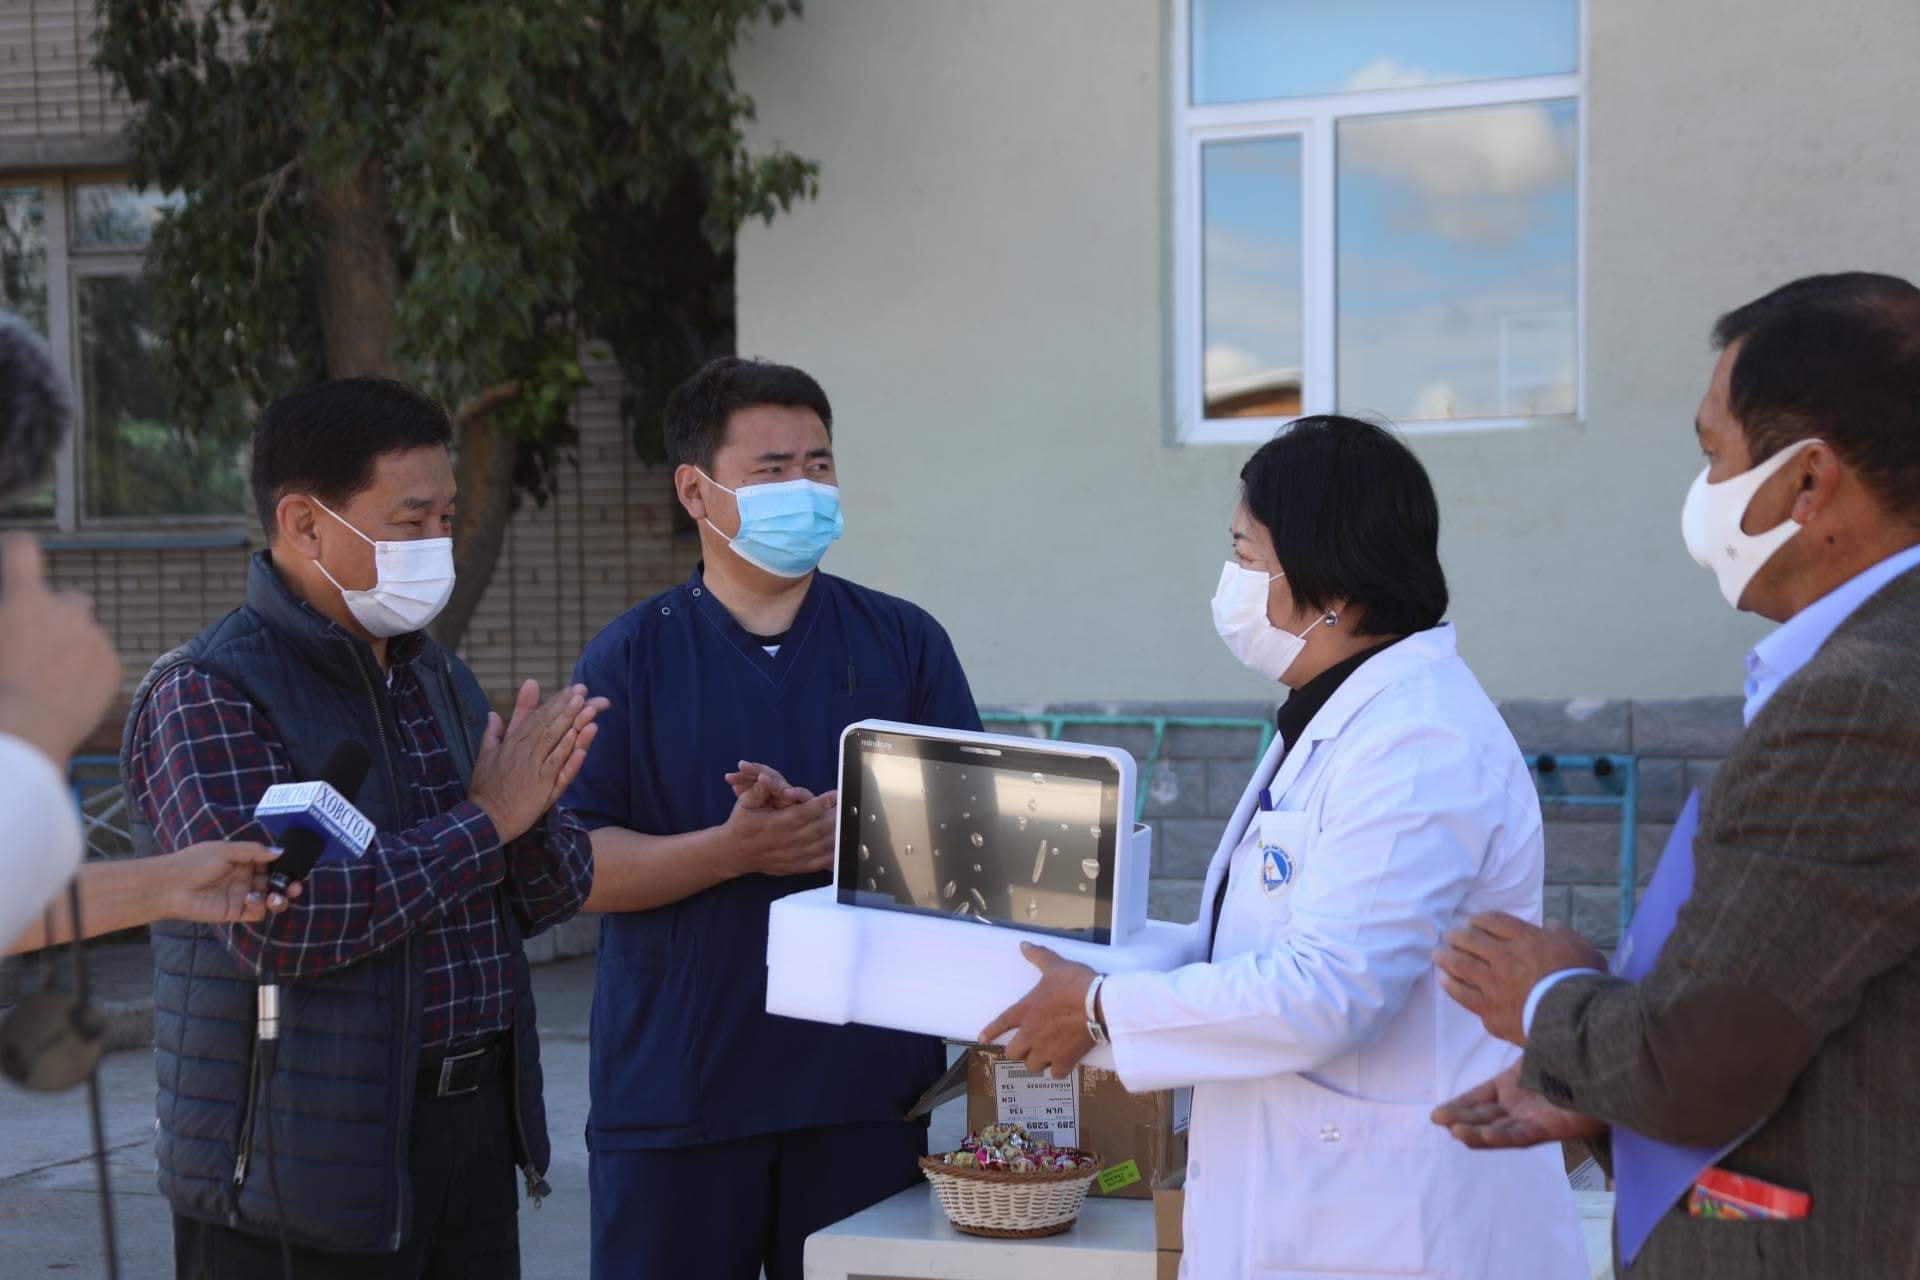 Хөвсгөл аймгийн Нэгдсэн эмнэлэгт хяналтын монитор хандивлав